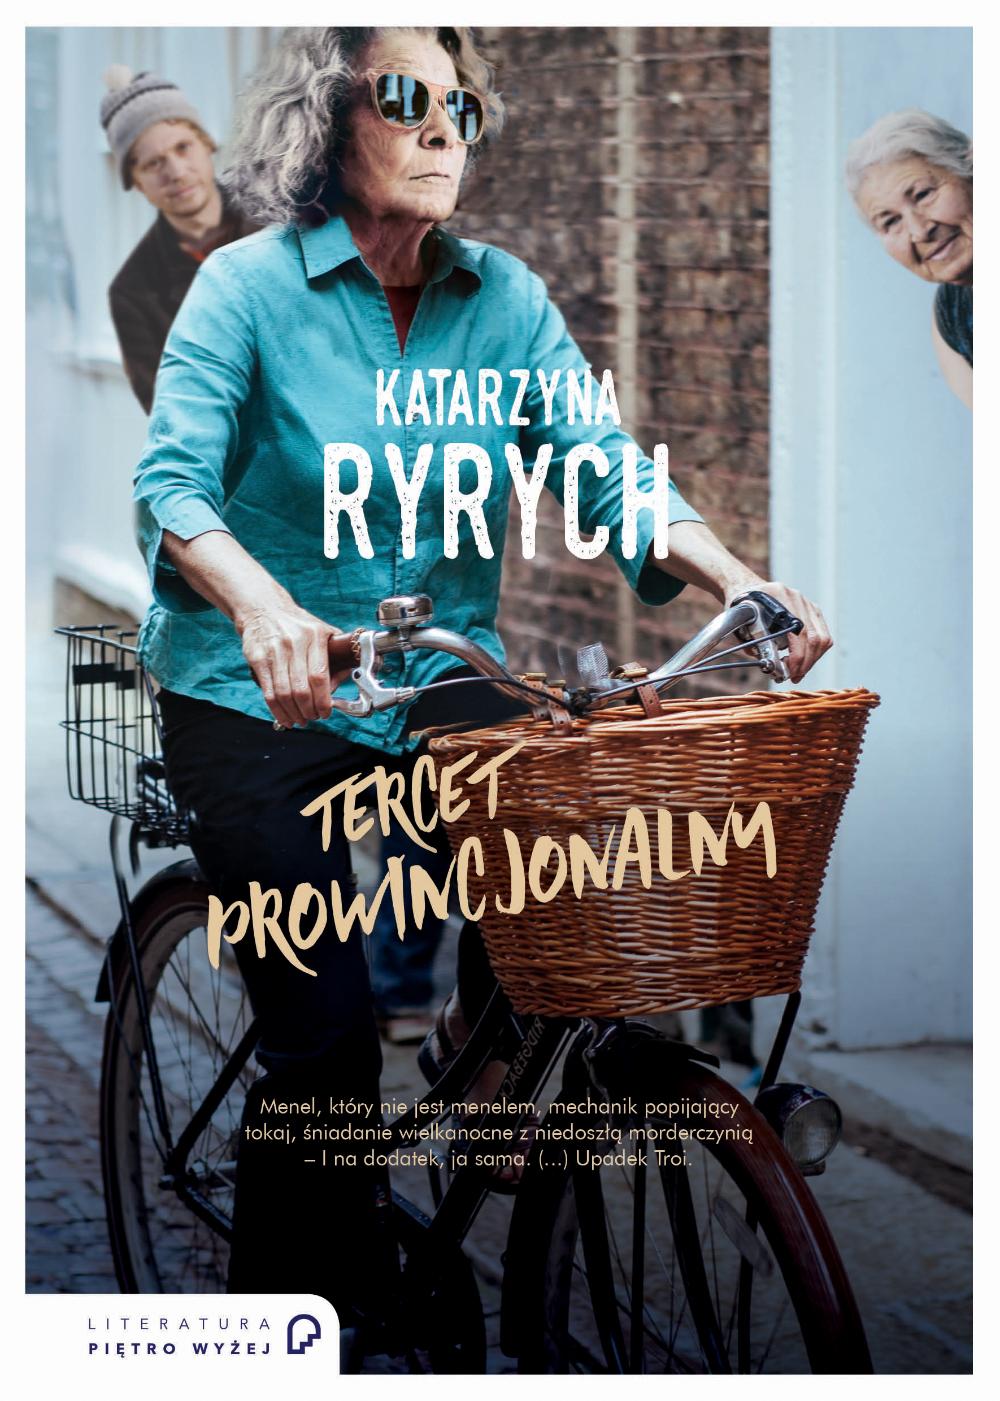 """Katarzyna Ryrych, """"Tercet prowincjonalny"""", okładka (źródło: materiały prasowe wydawnictwa)"""